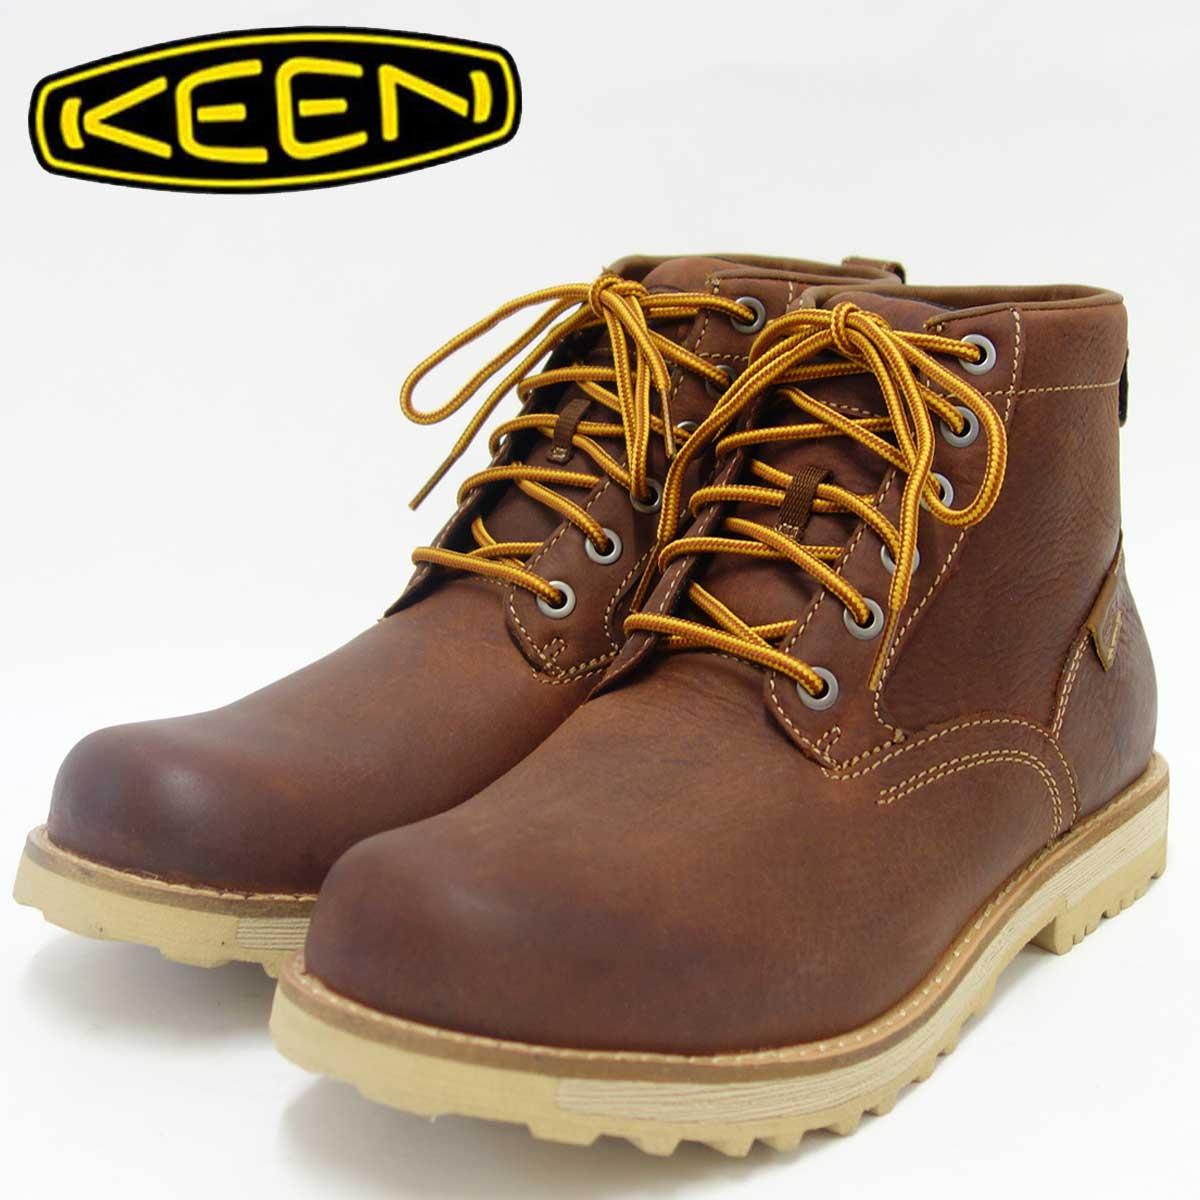 KEEN キーン The 59 ザ フィフティナイン 1014283(メンズ) カラー:Ginger Breadクラシックスタイルのアウトドアブーツ「靴」